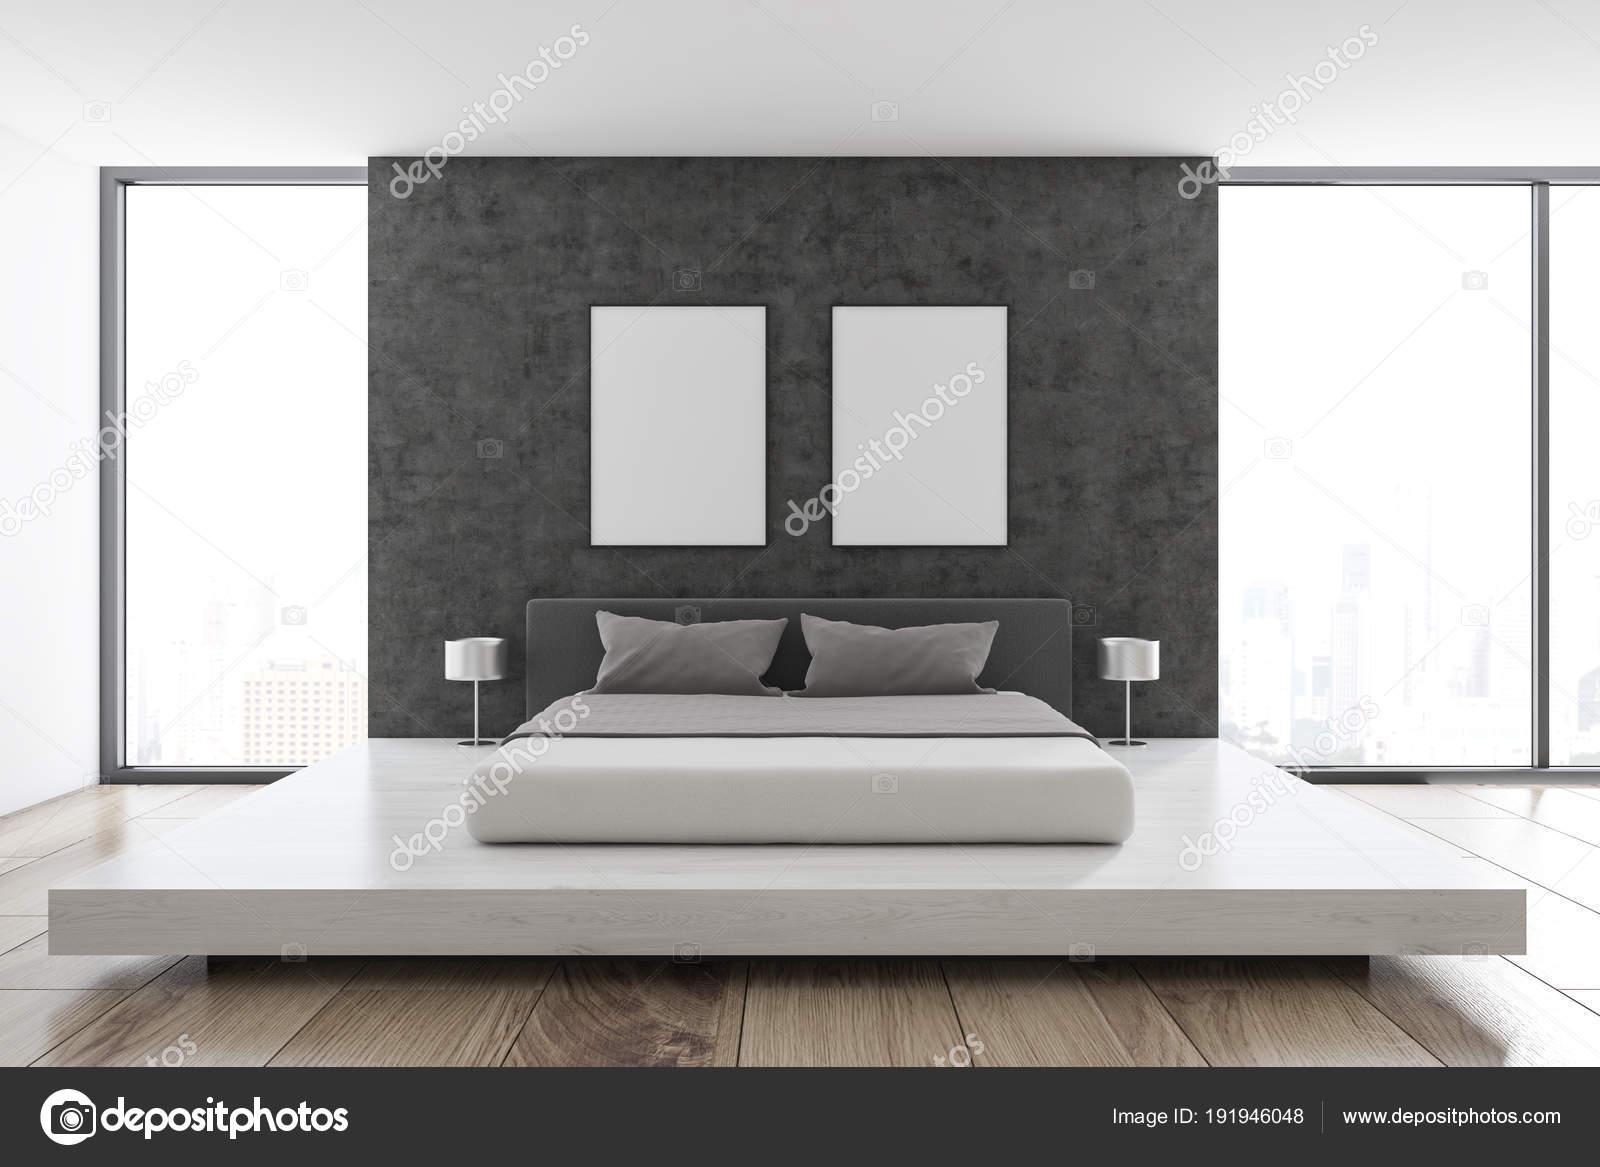 Dunkler Fußboden Schlafzimmer ~ Skandinavische schlafzimmer betonwand banner u stockfoto